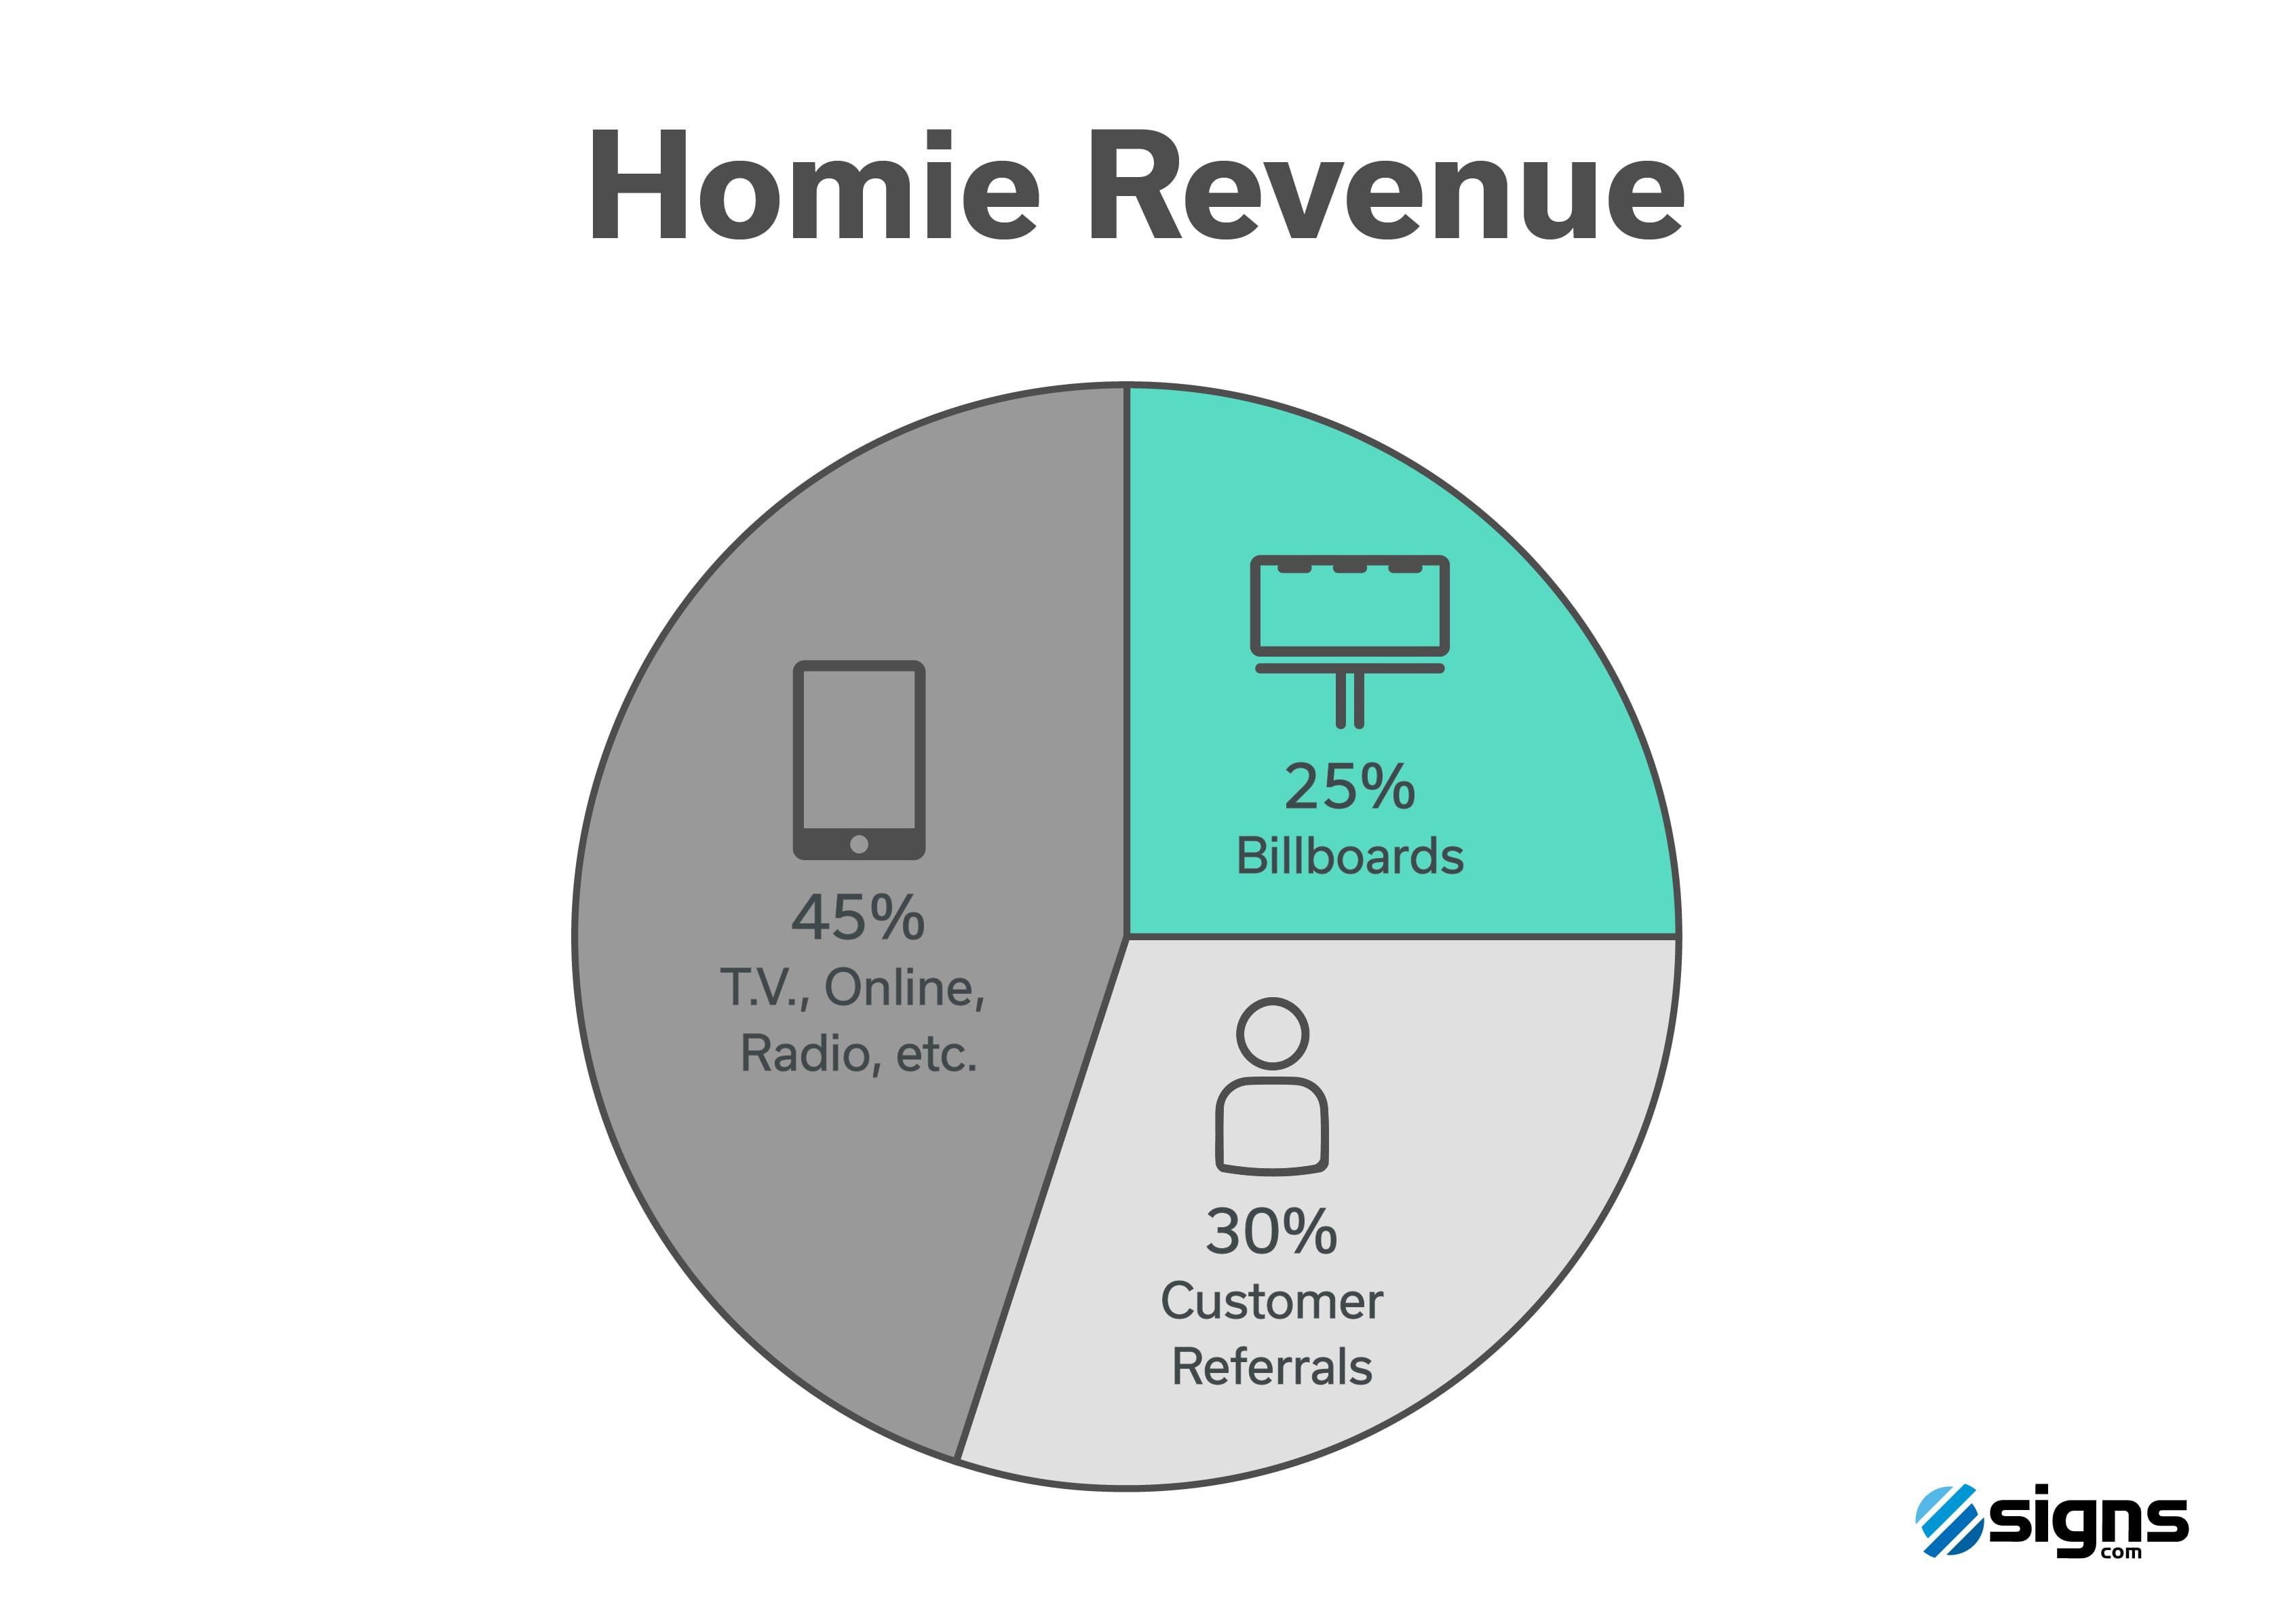 Homie Revenue Chart